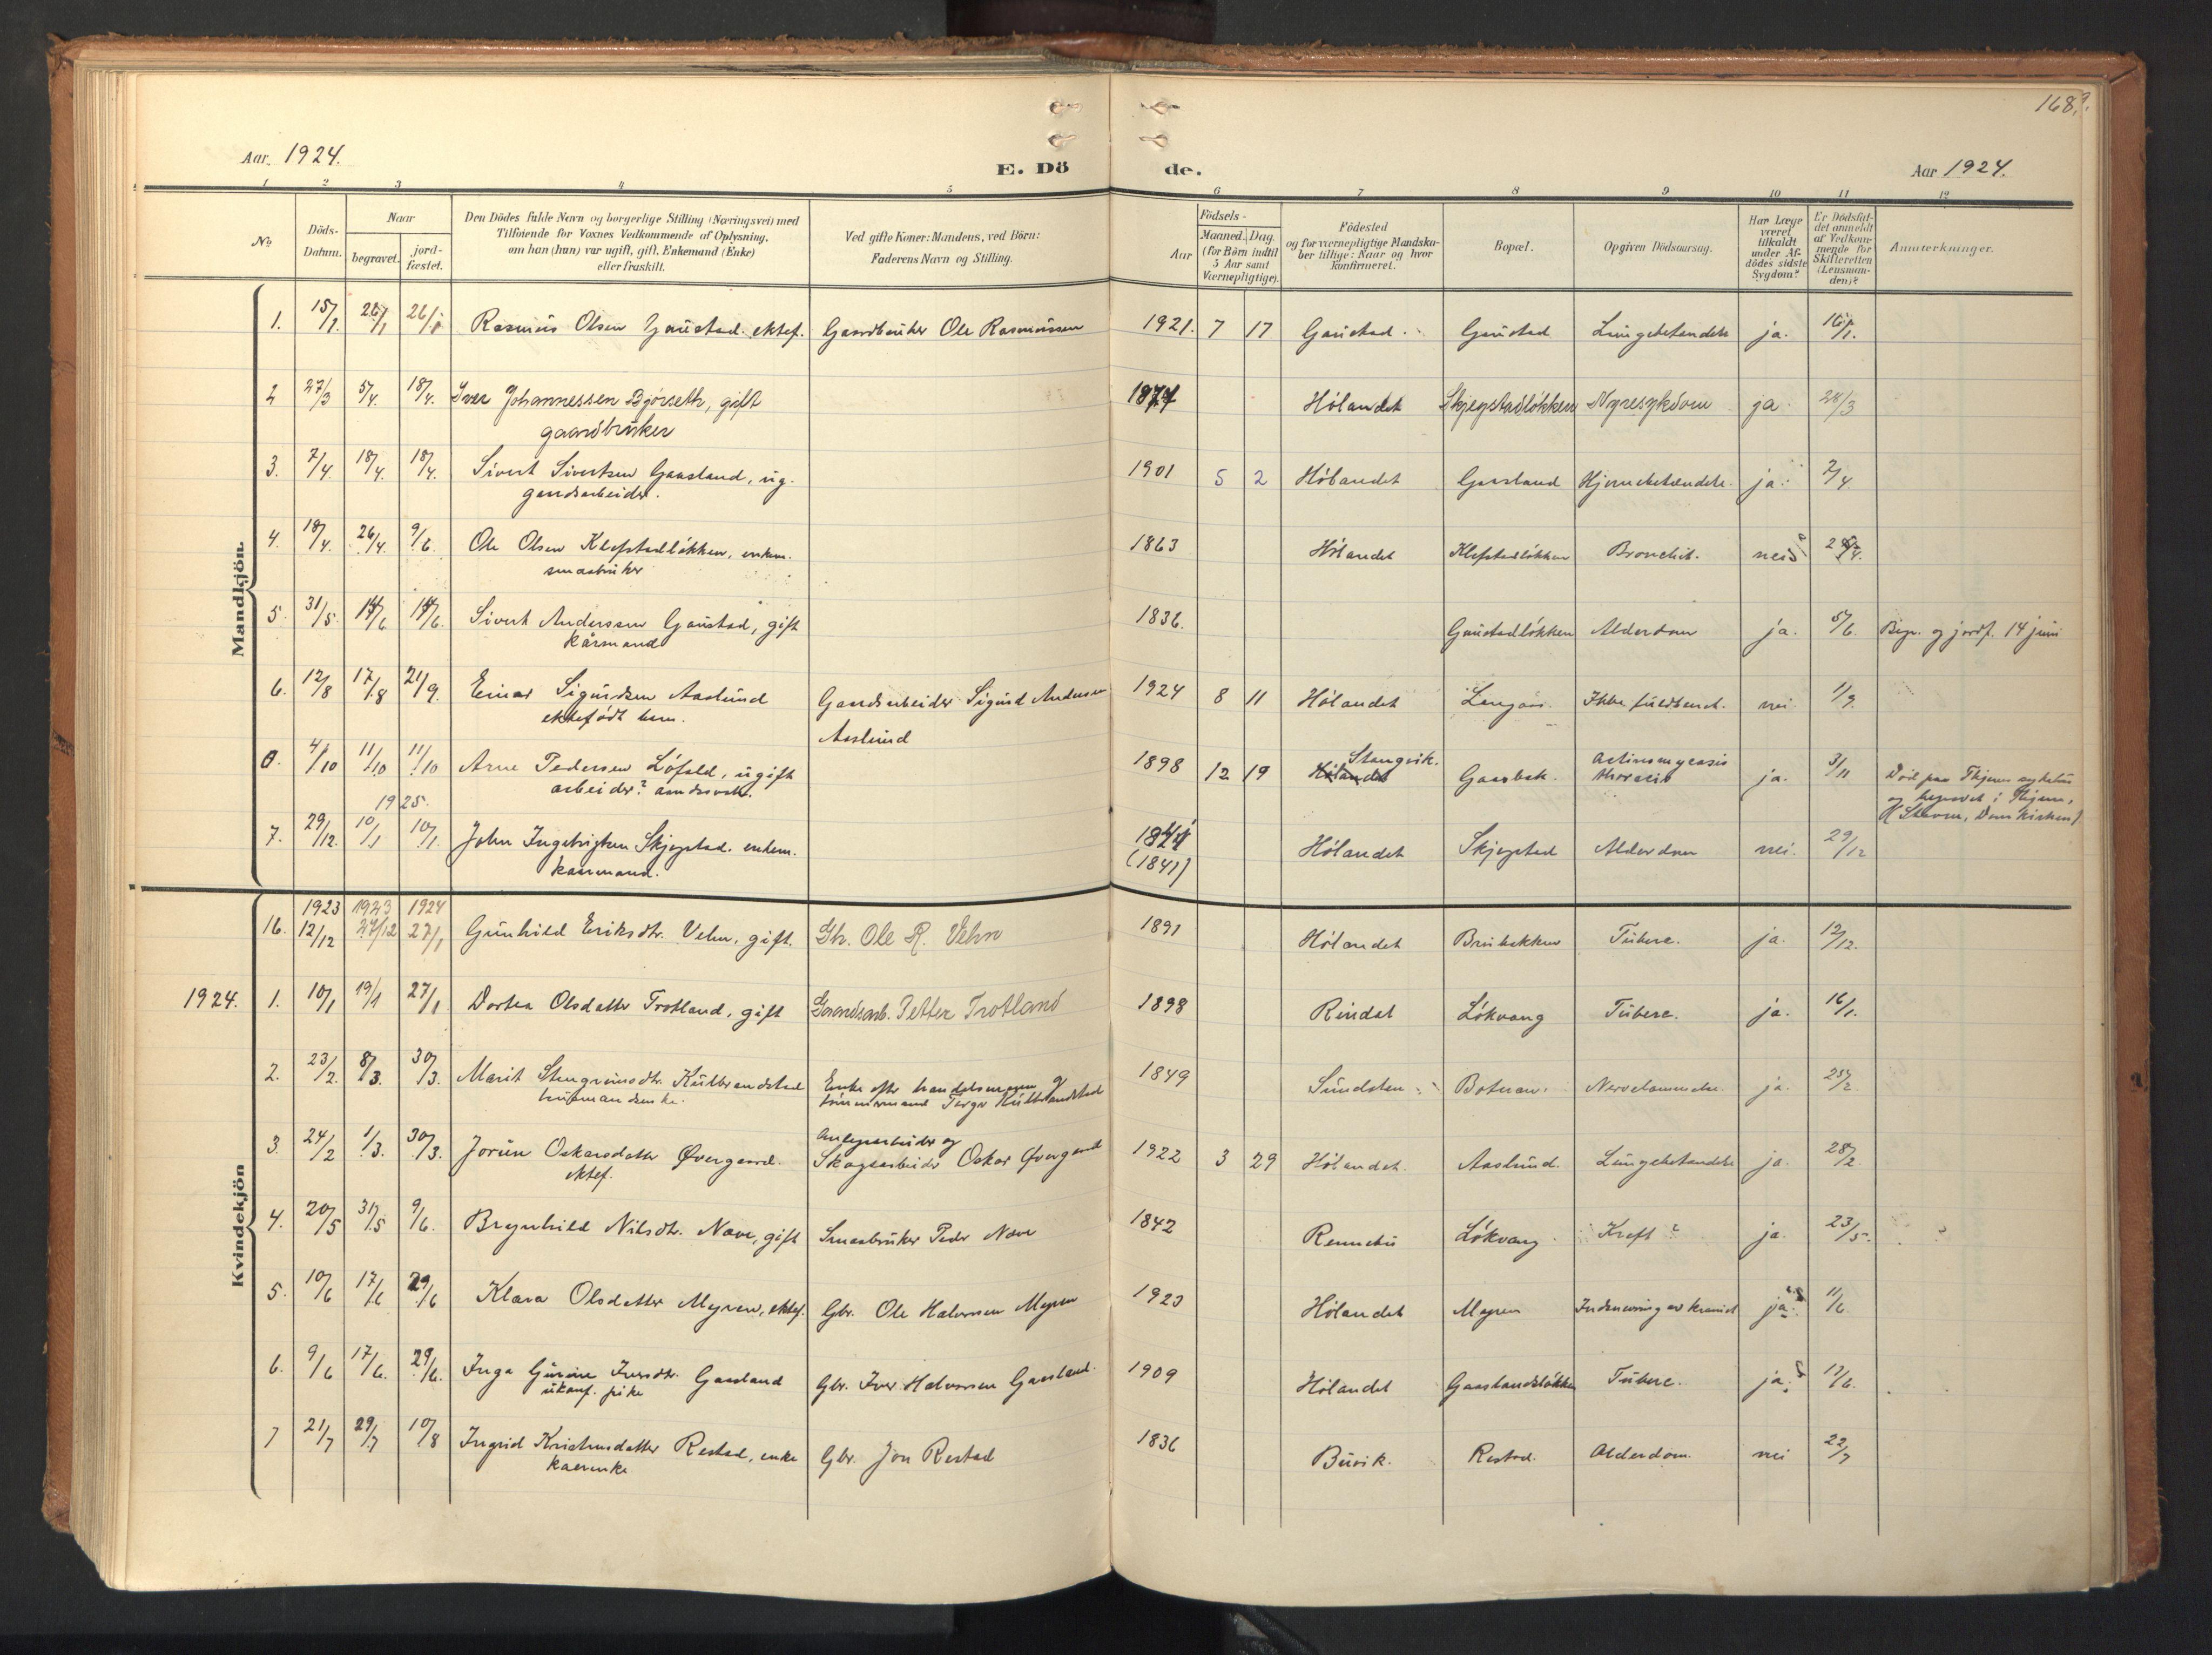 SAT, Ministerialprotokoller, klokkerbøker og fødselsregistre - Sør-Trøndelag, 694/L1128: Ministerialbok nr. 694A02, 1906-1931, s. 168